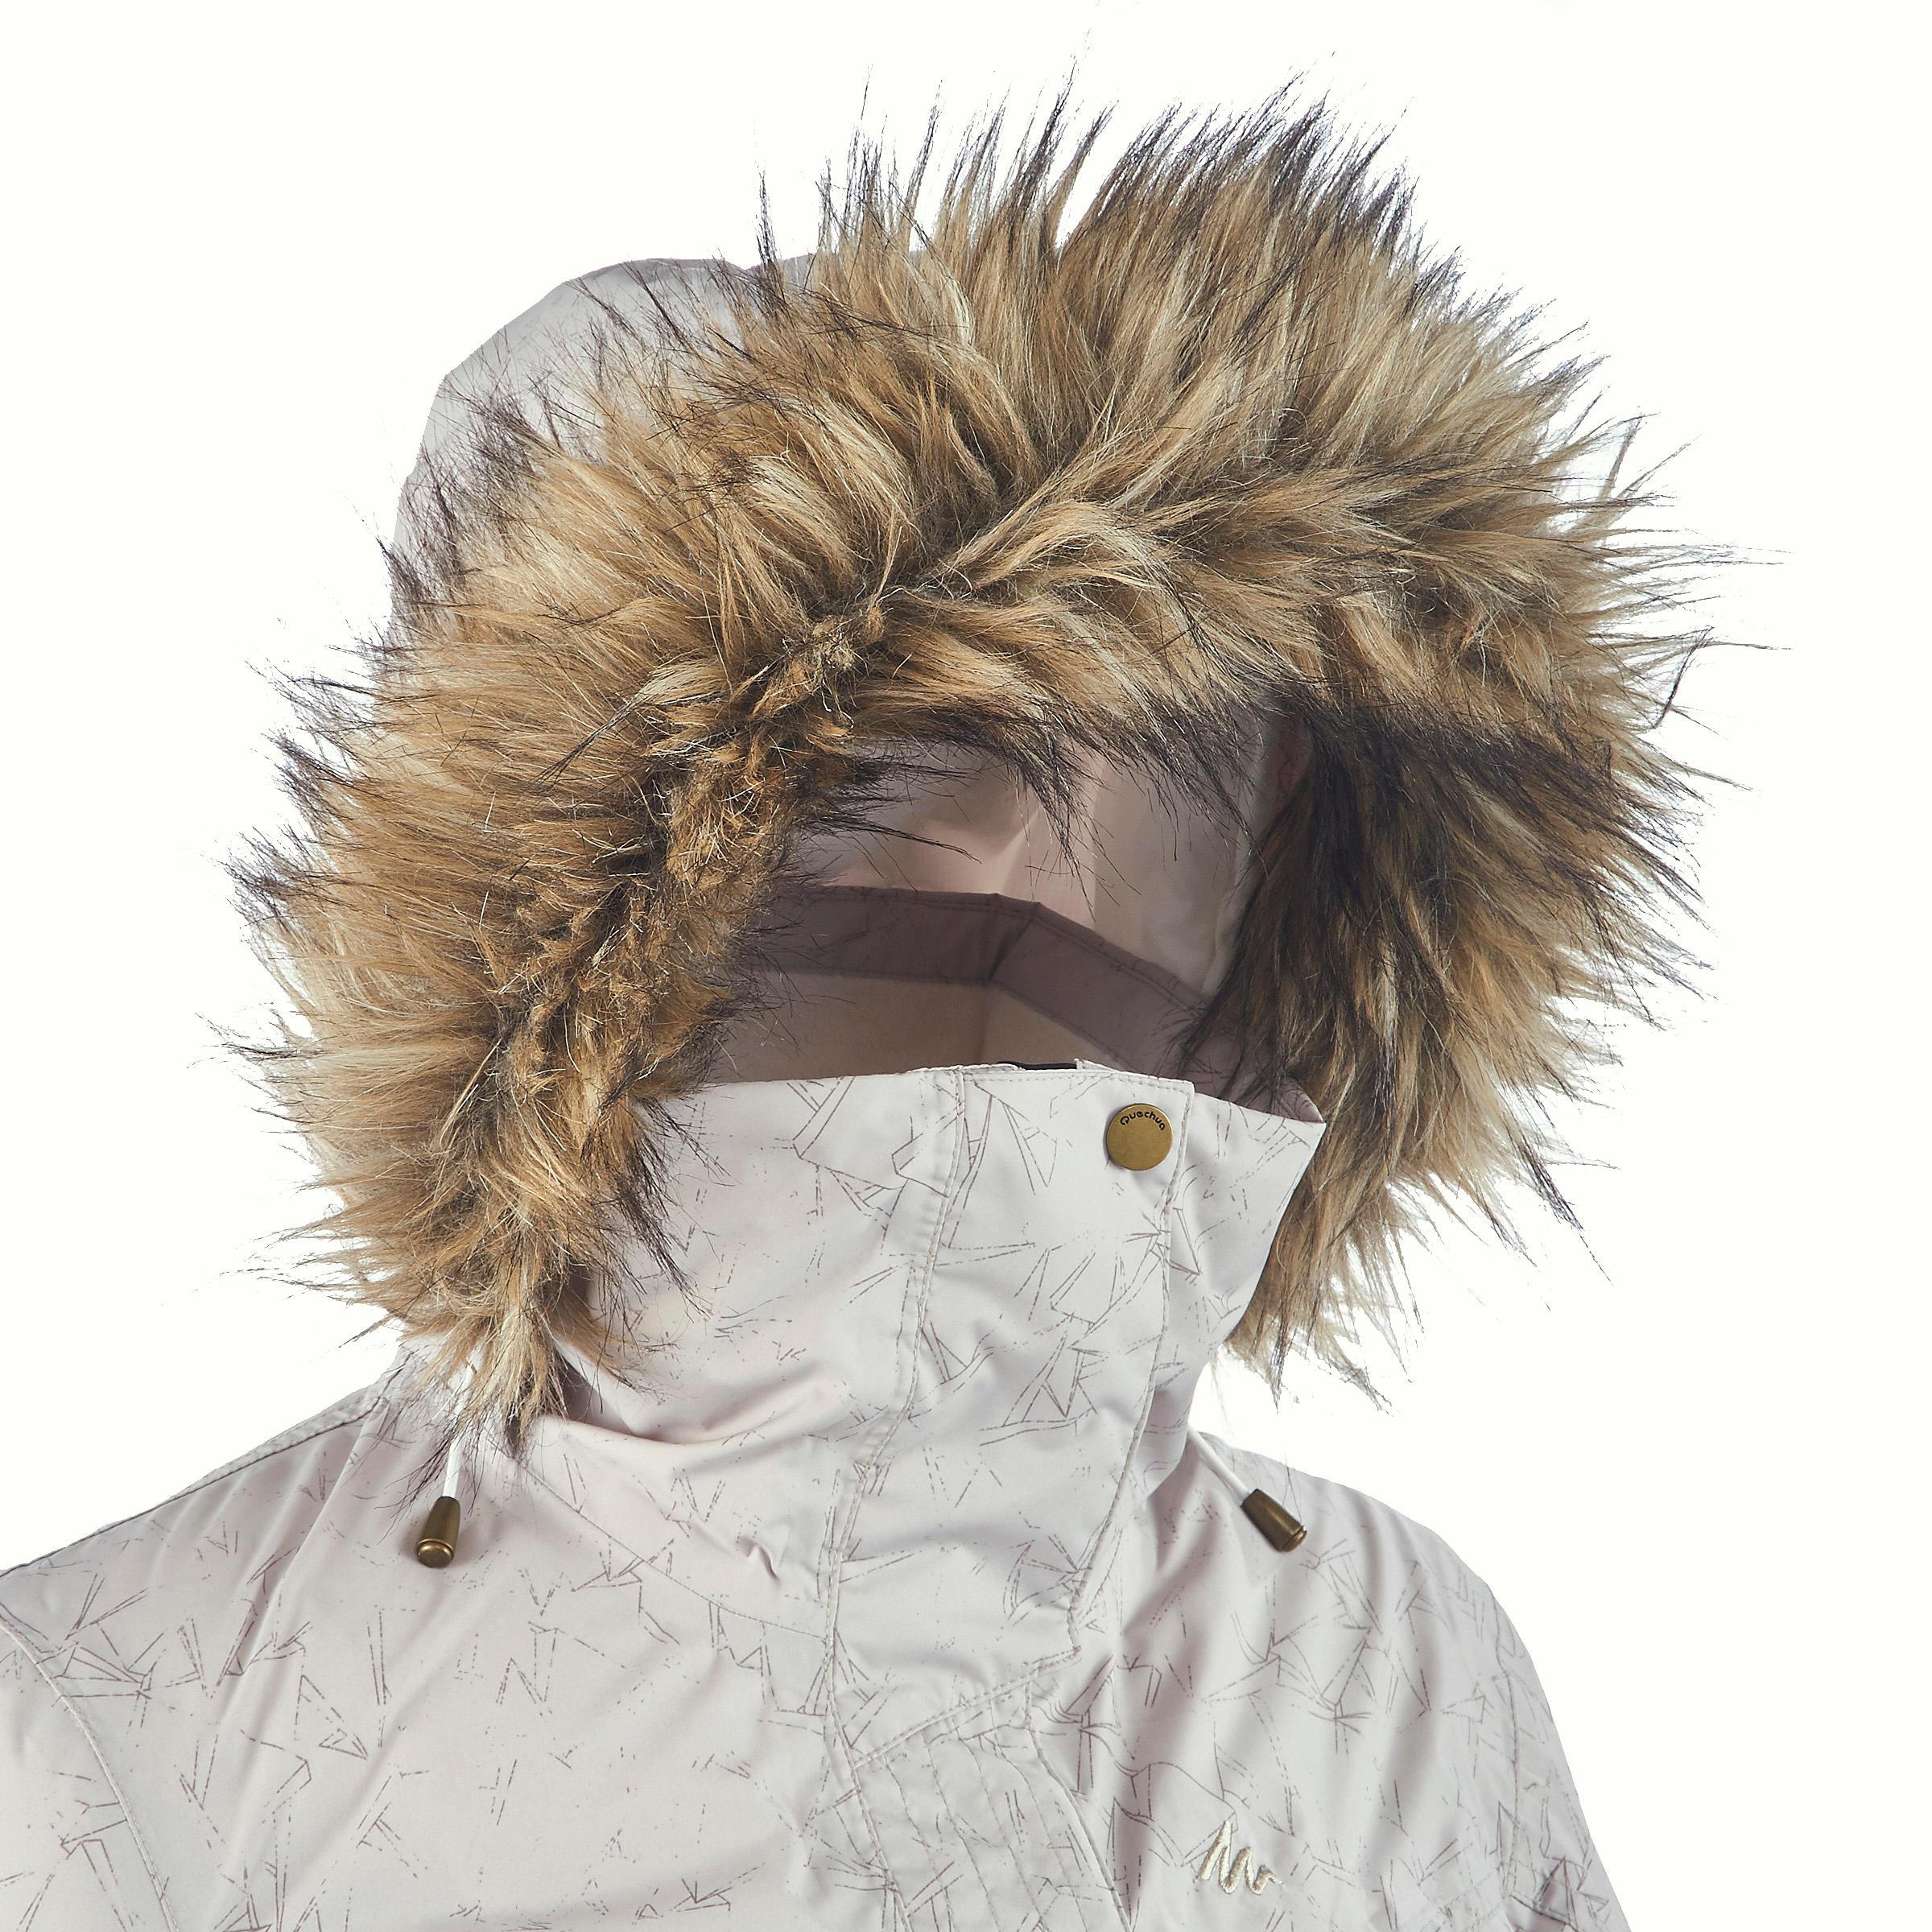 de mujer senderismo Beige Sh900 para Warm Chaqueta LpSVGqUzM